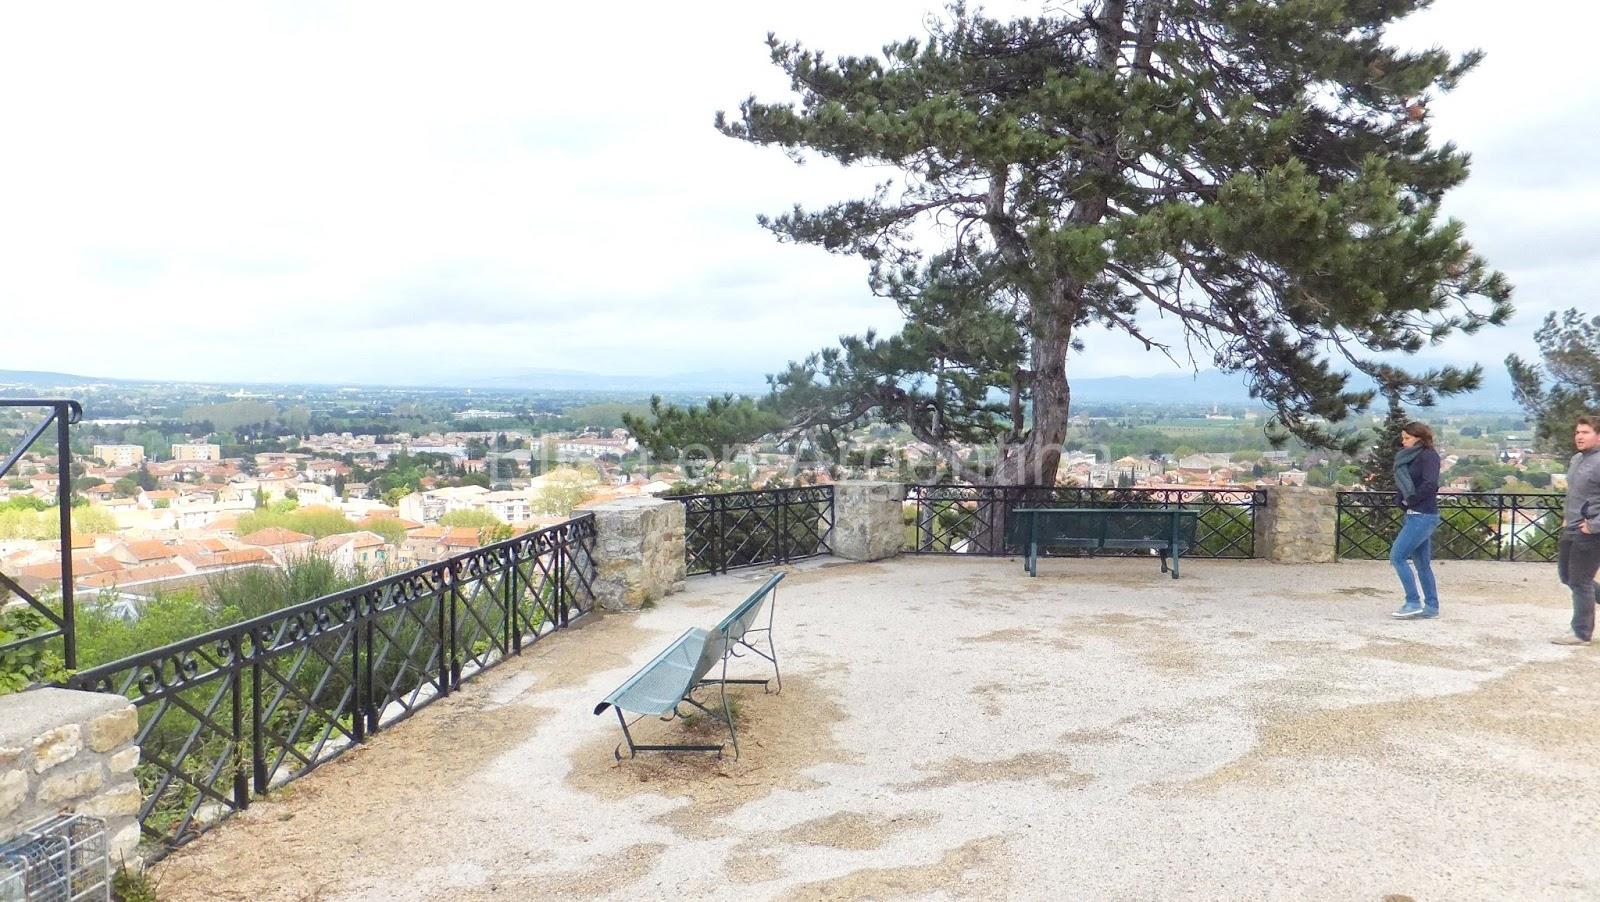 Colina de Saint-Eutrope, Orange, Francia, Elisa N, Blog de Viajes, Lifestyle, Travel